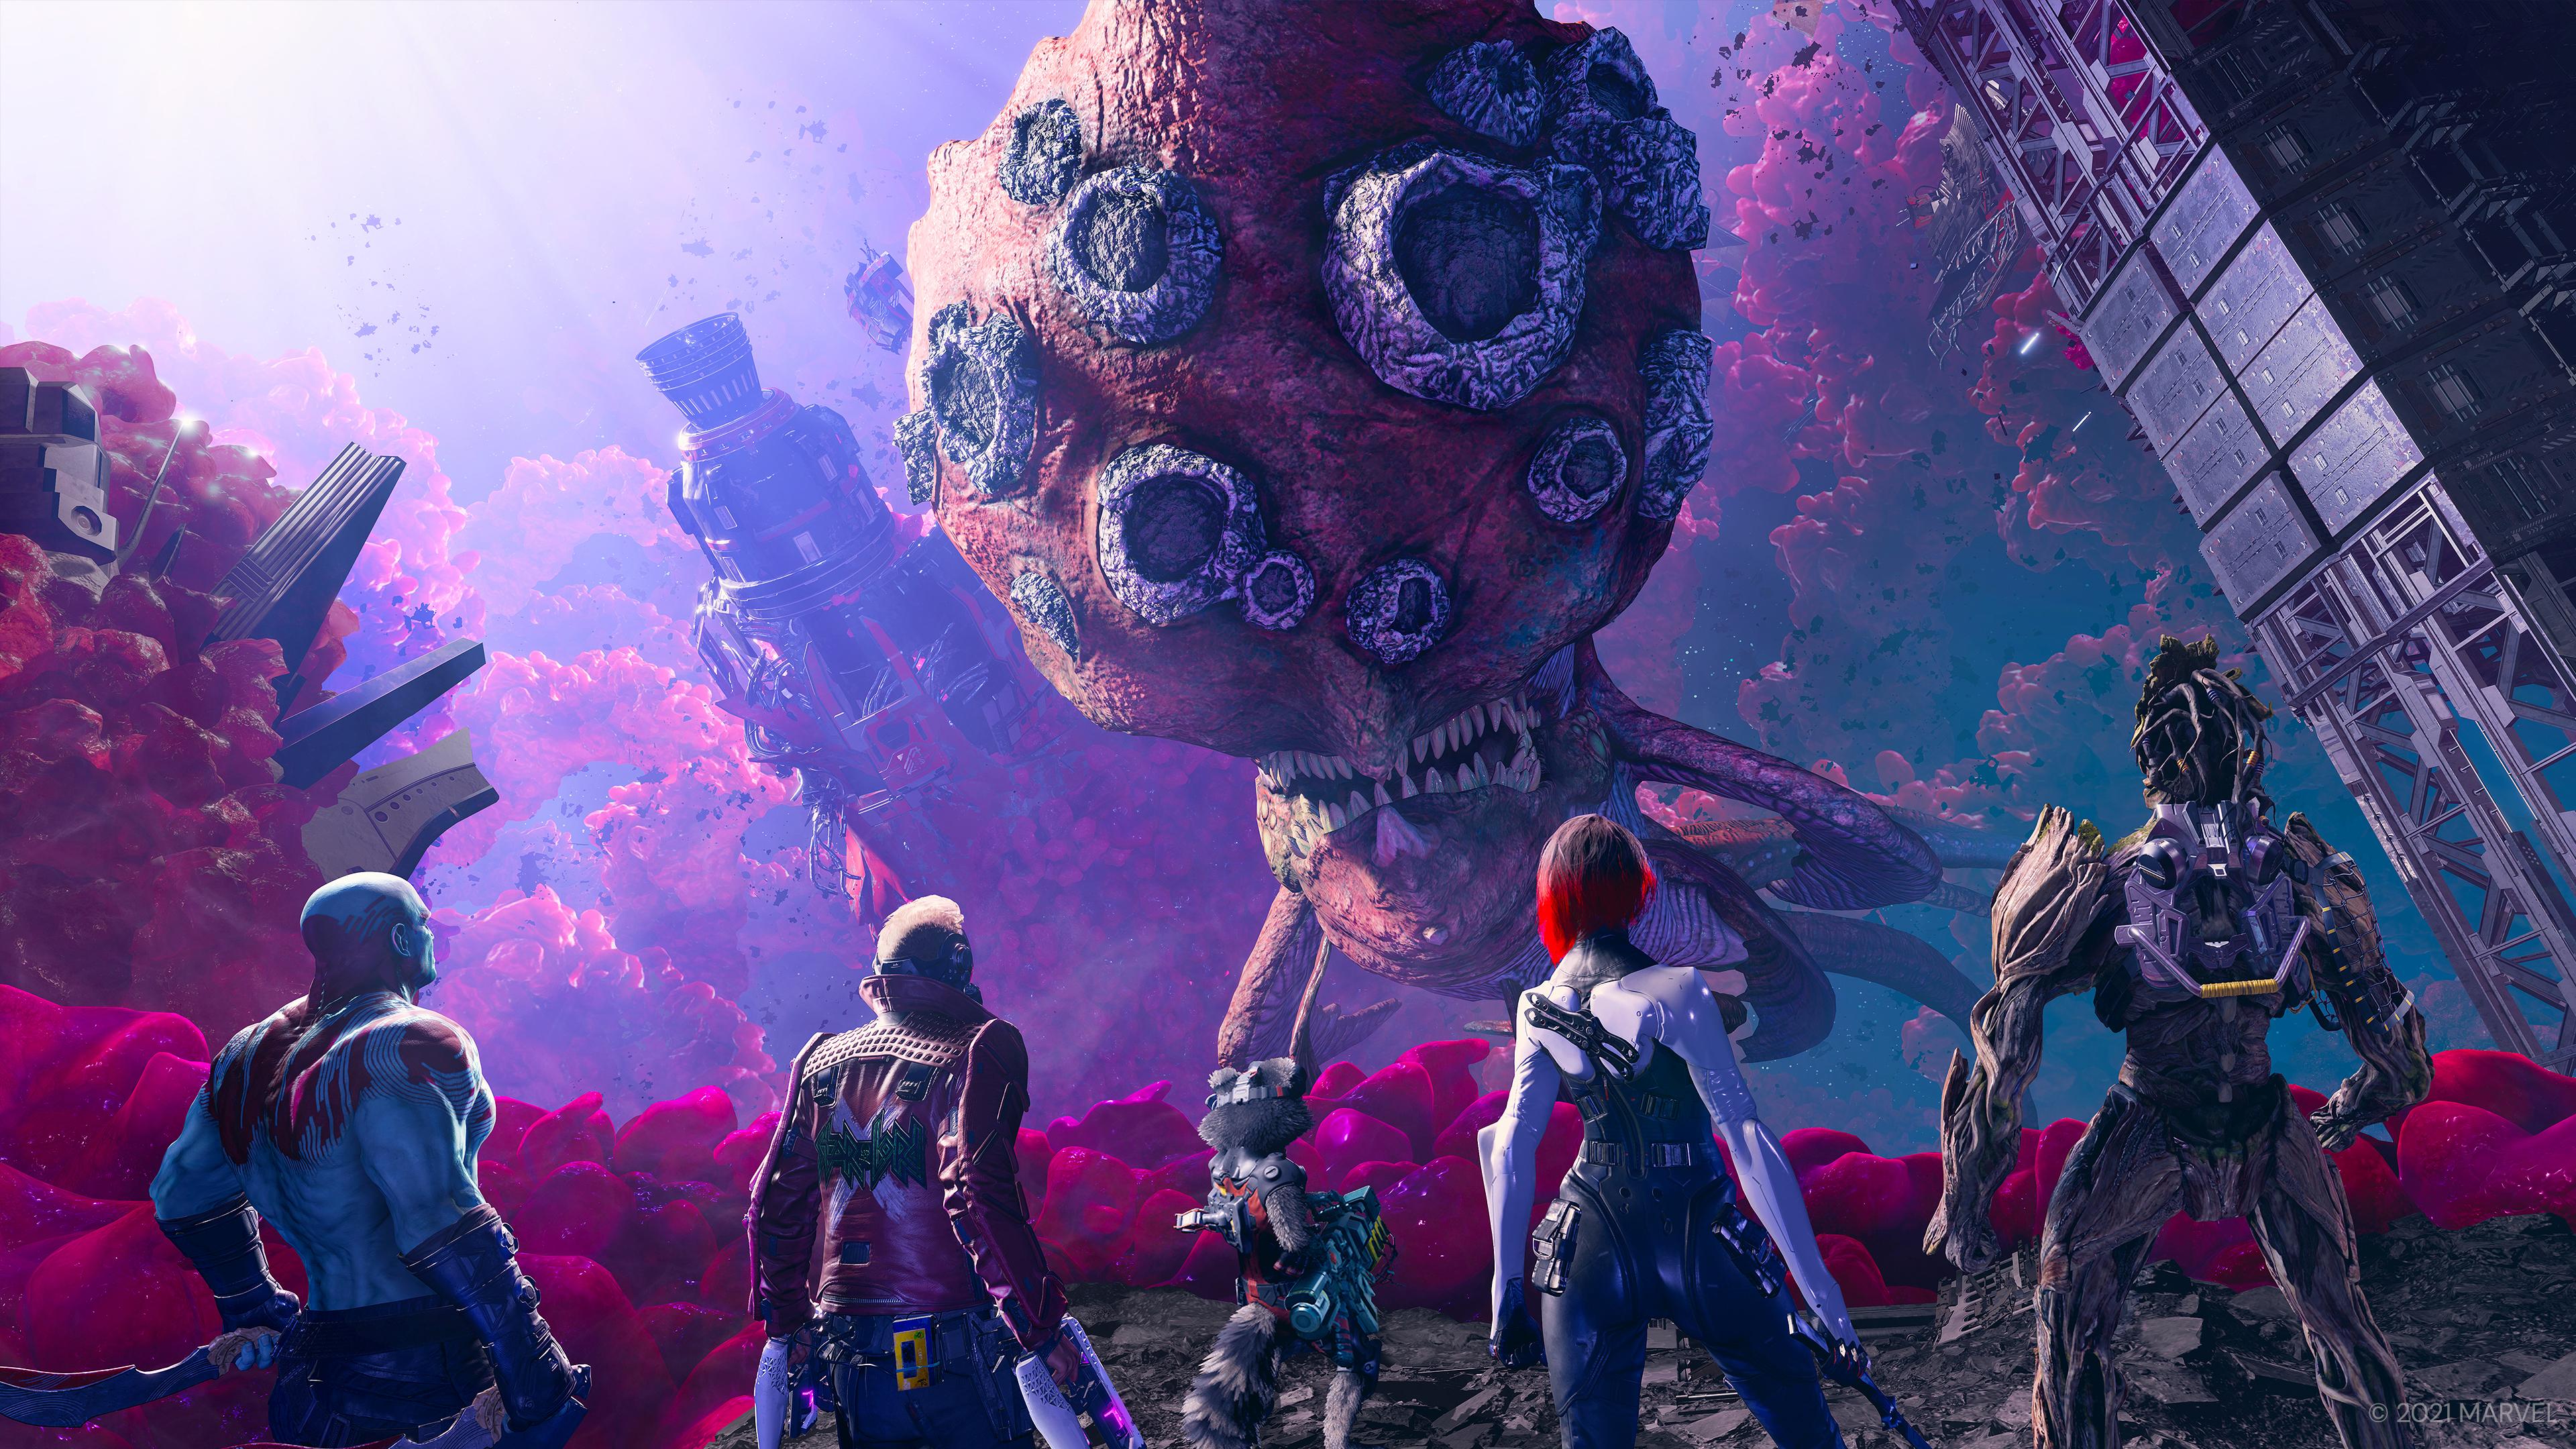 Скриншот №9 к «Стражи Галактики Marvel» PS4 и PS5